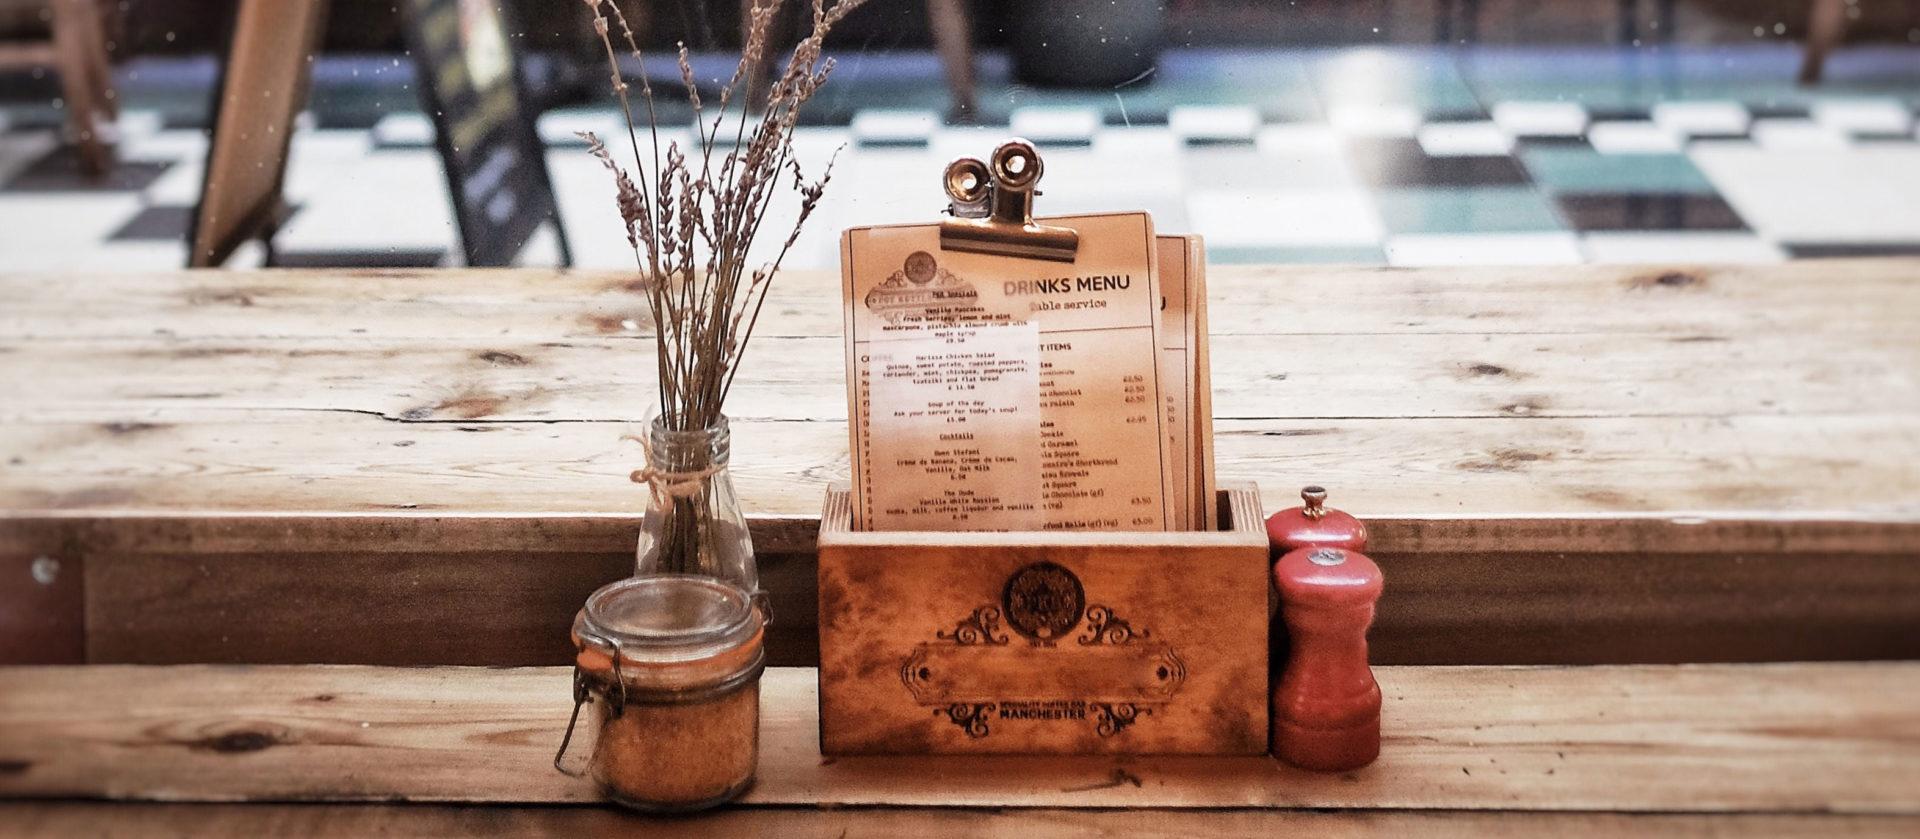 Mout Vs Foodhall Mout | Intellectueel Eigendom Advocaten